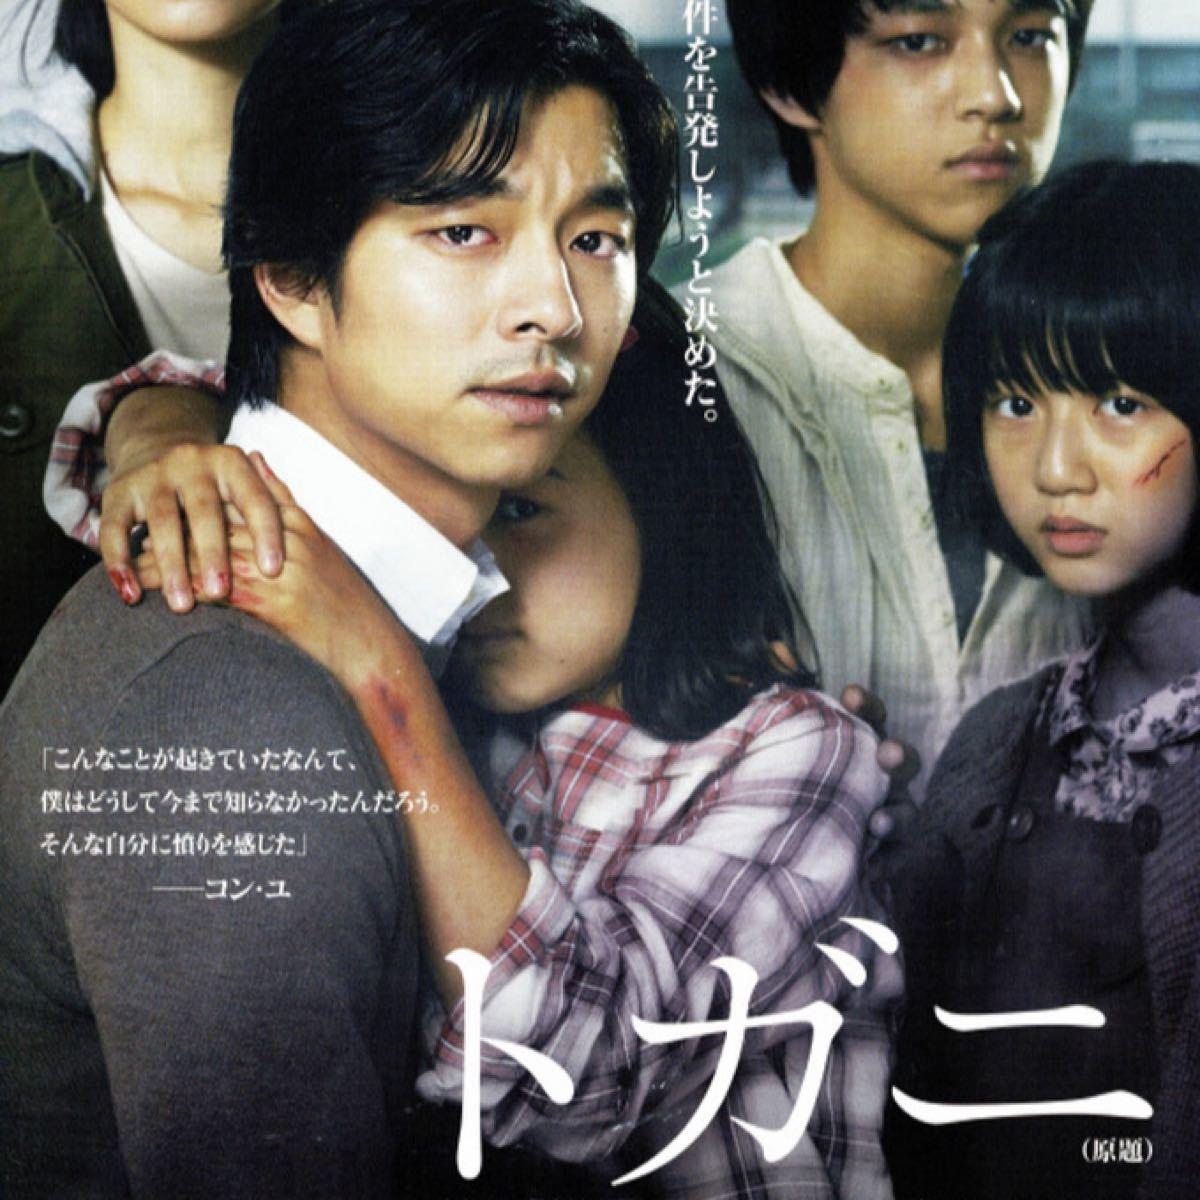 韓国映画  トガニ  コン・ユ  チョン・ユミ  DVD  日本語吹替有り  レーベル有り